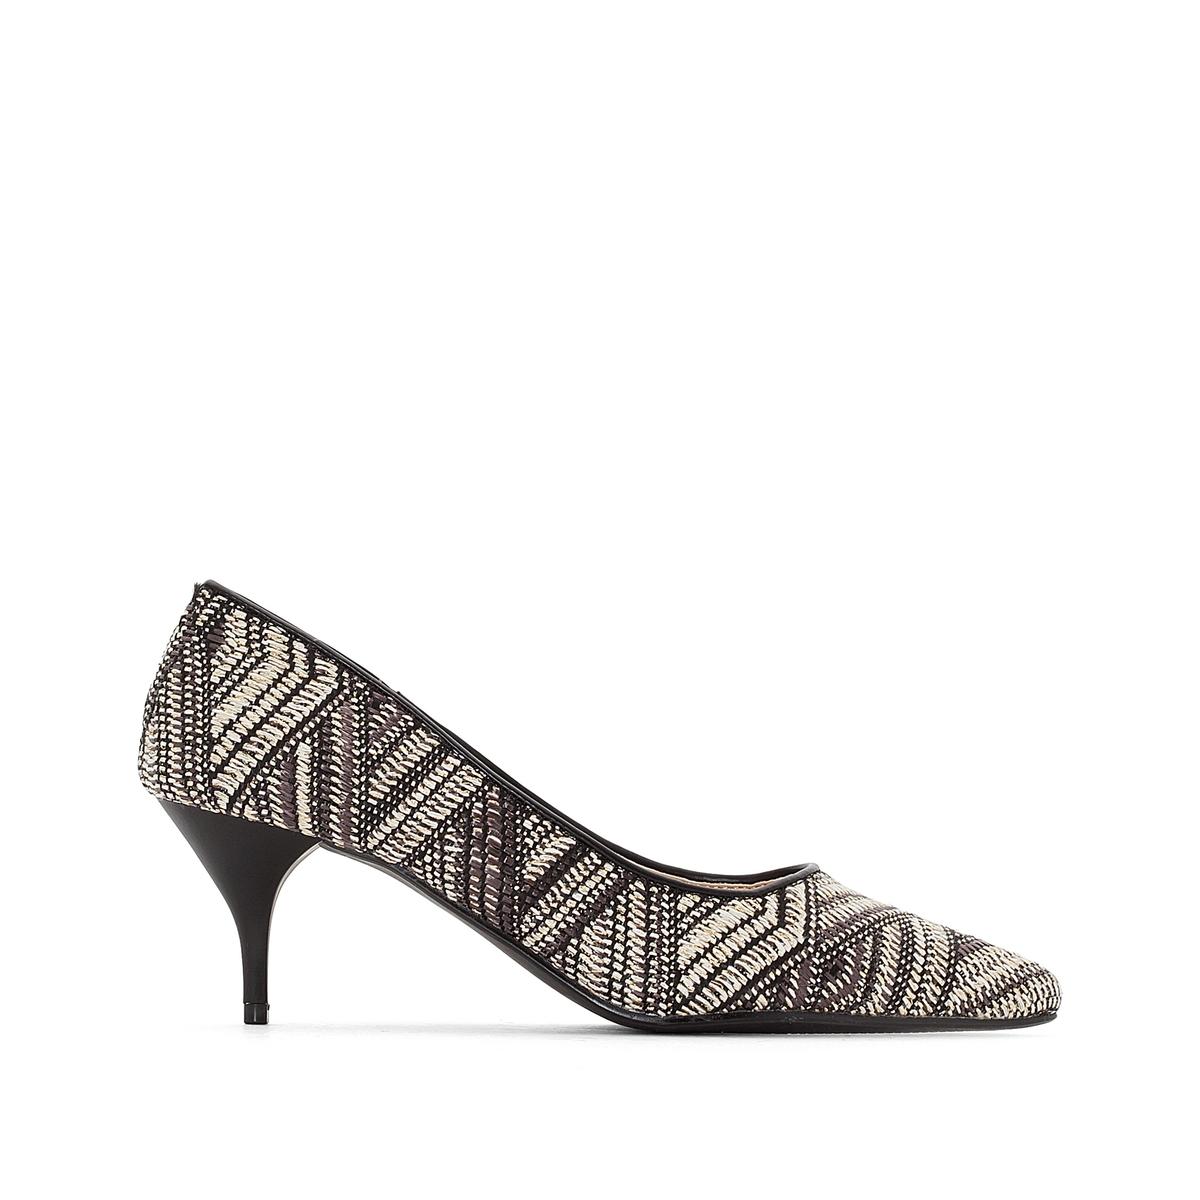 Sapatos com estampado étnico